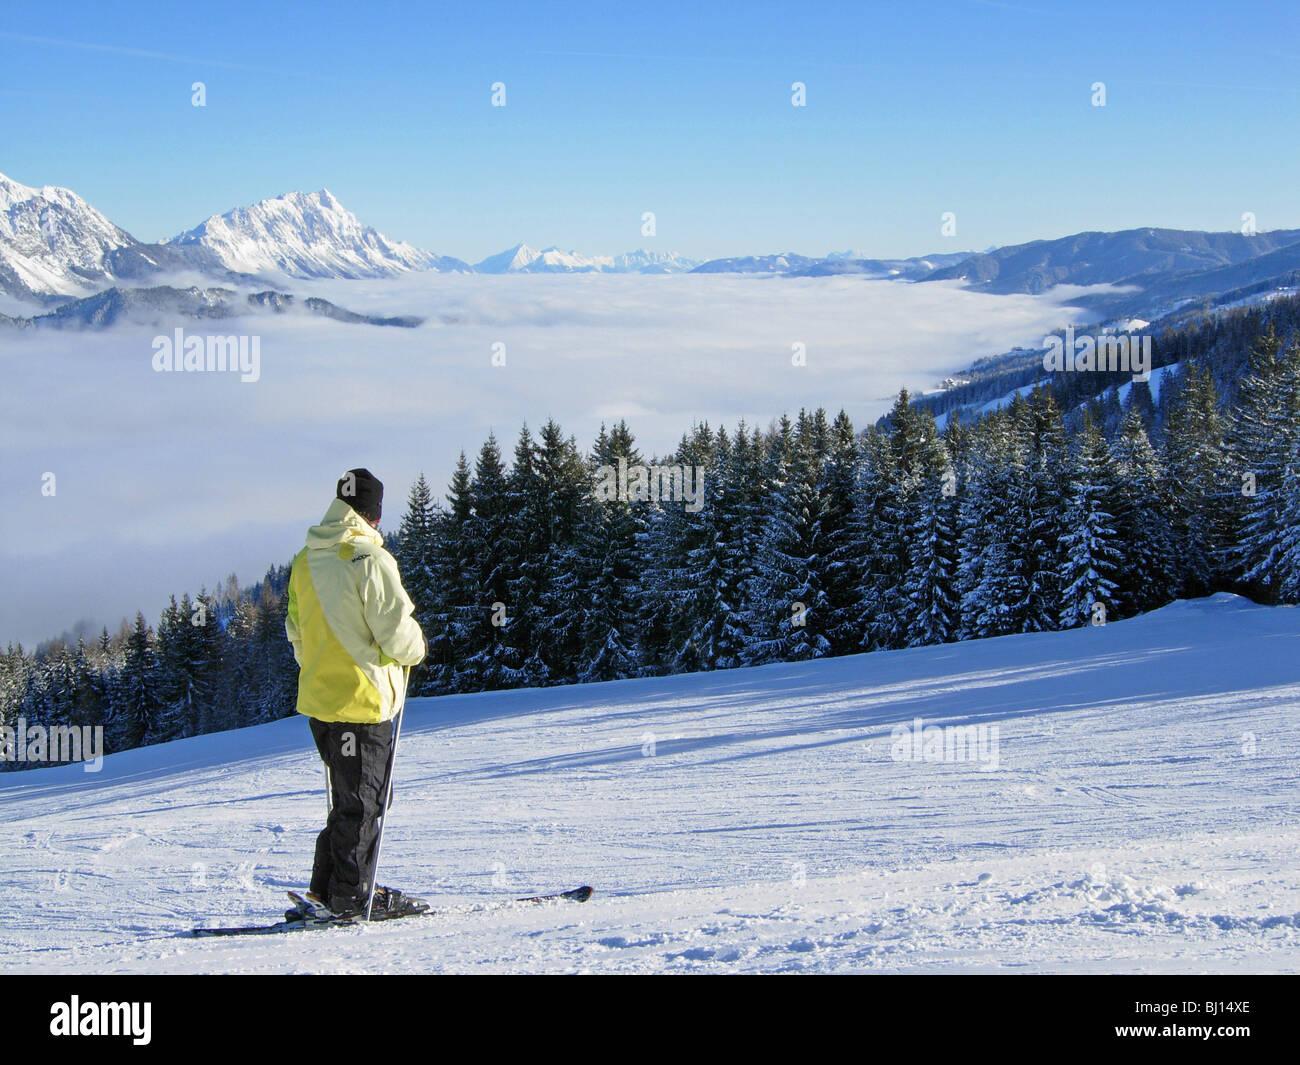 Skifahrer auf der Piste im Haus in Österreich Stockbild